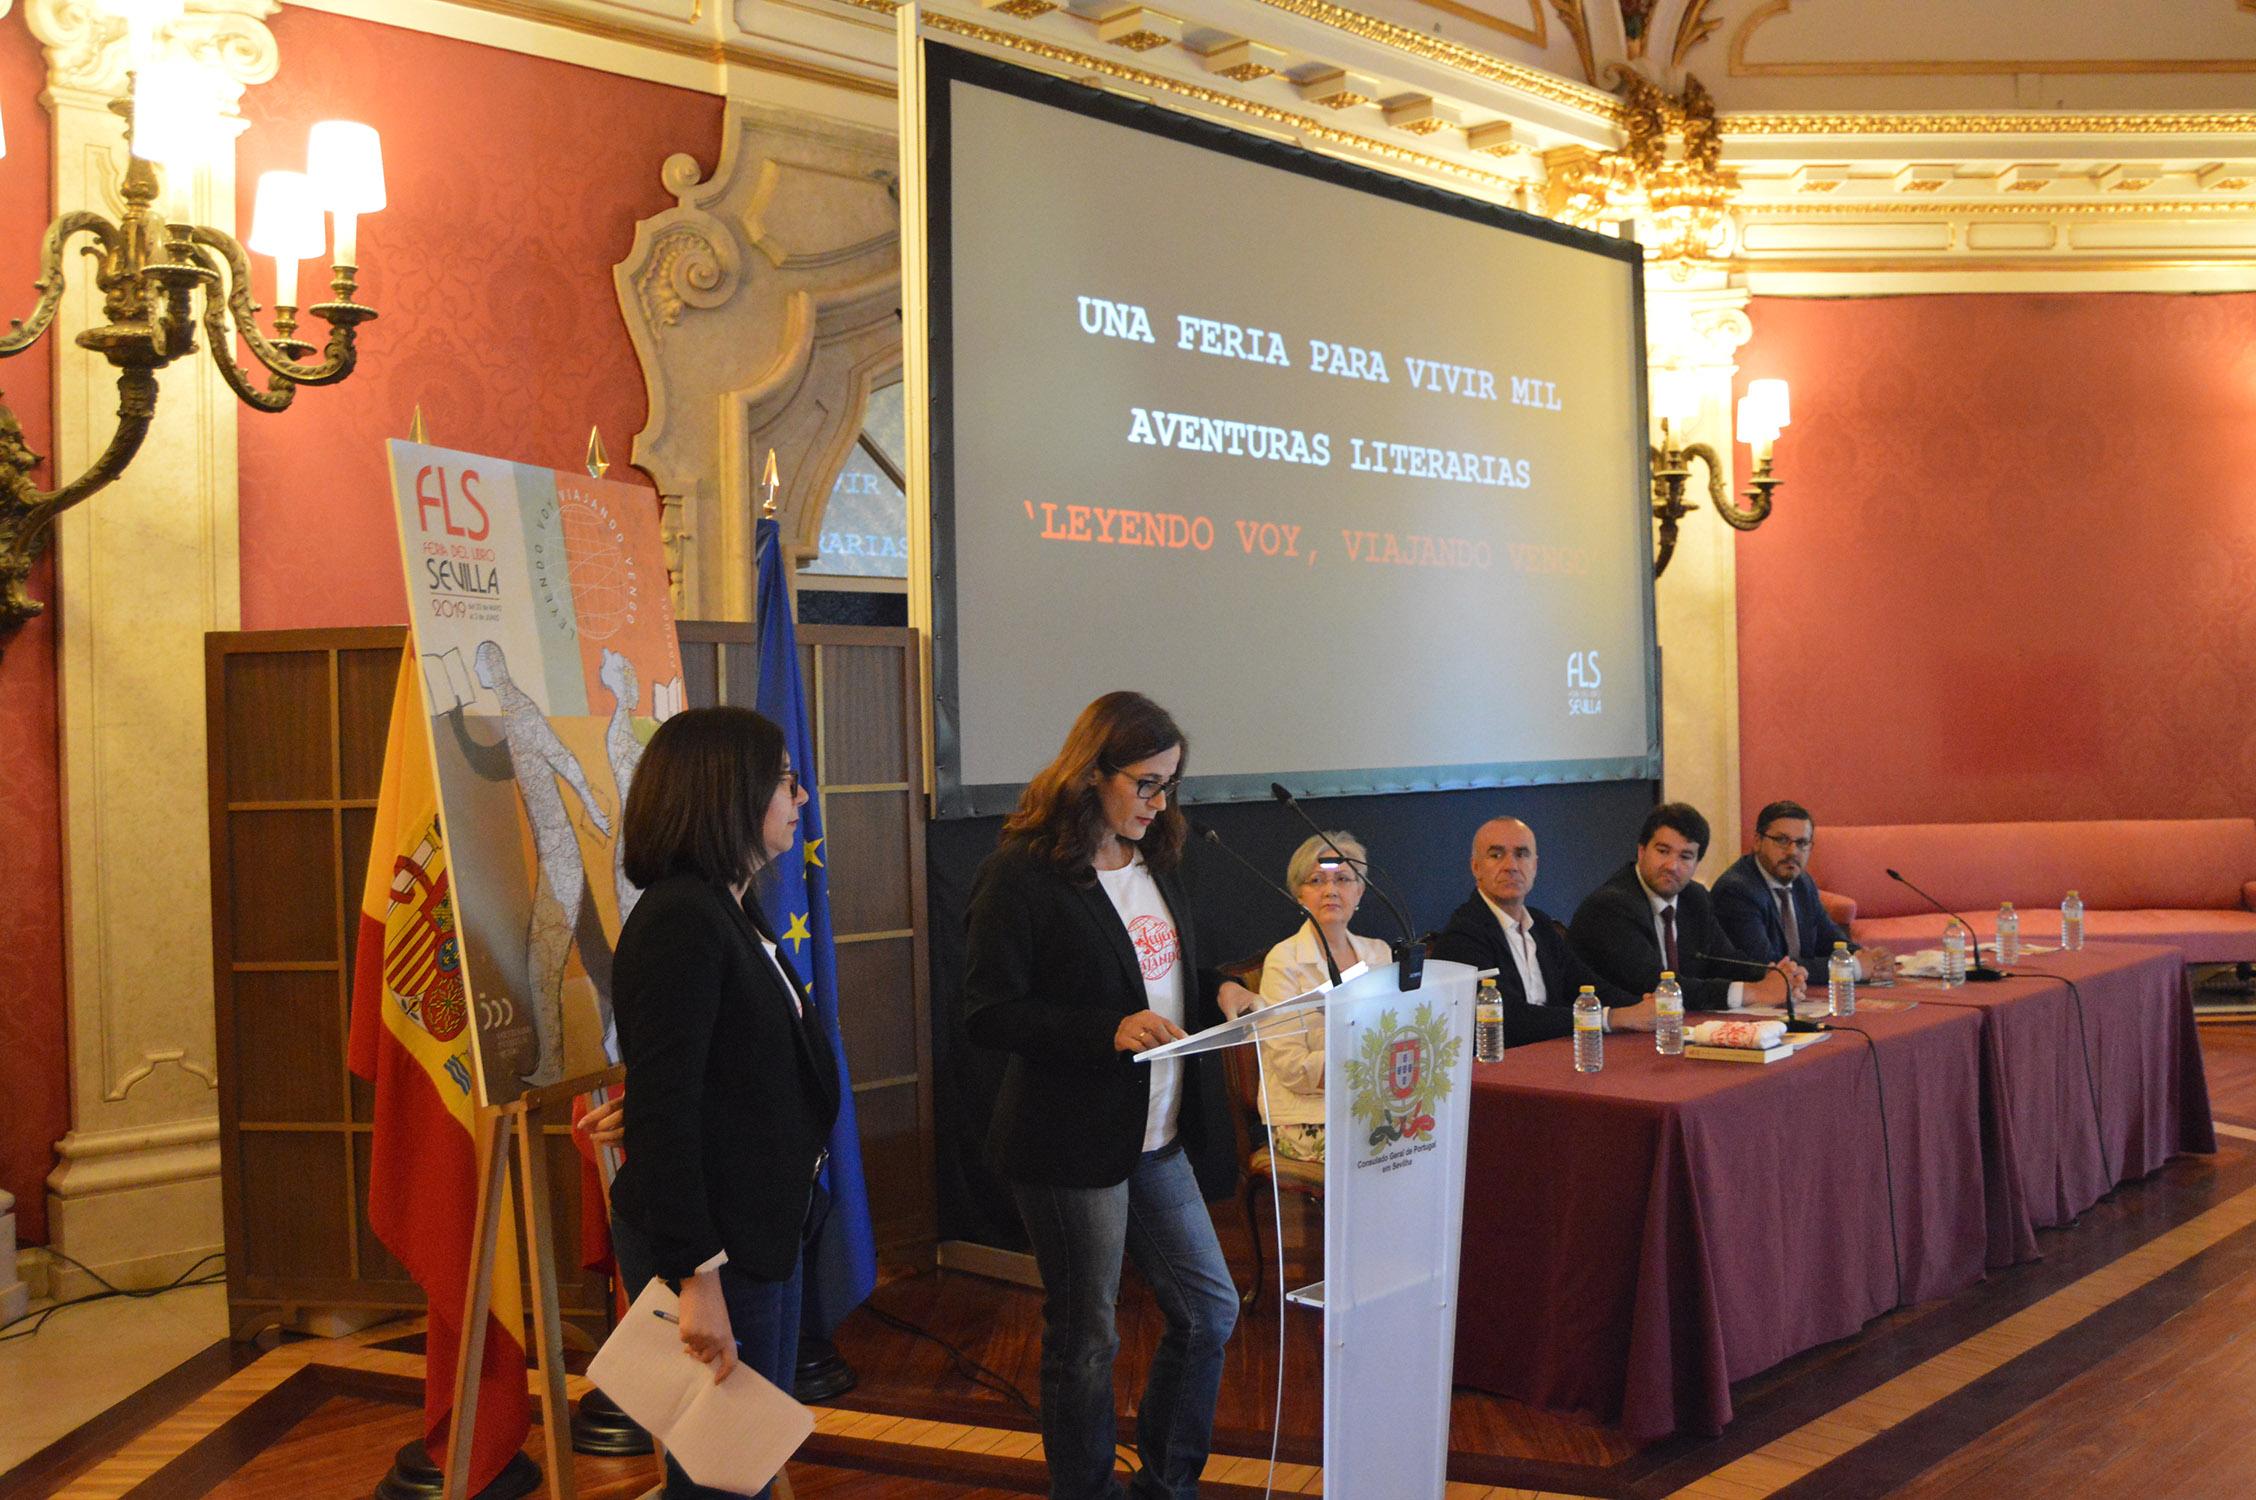 La Feria del Libro 2019 presenta su programación